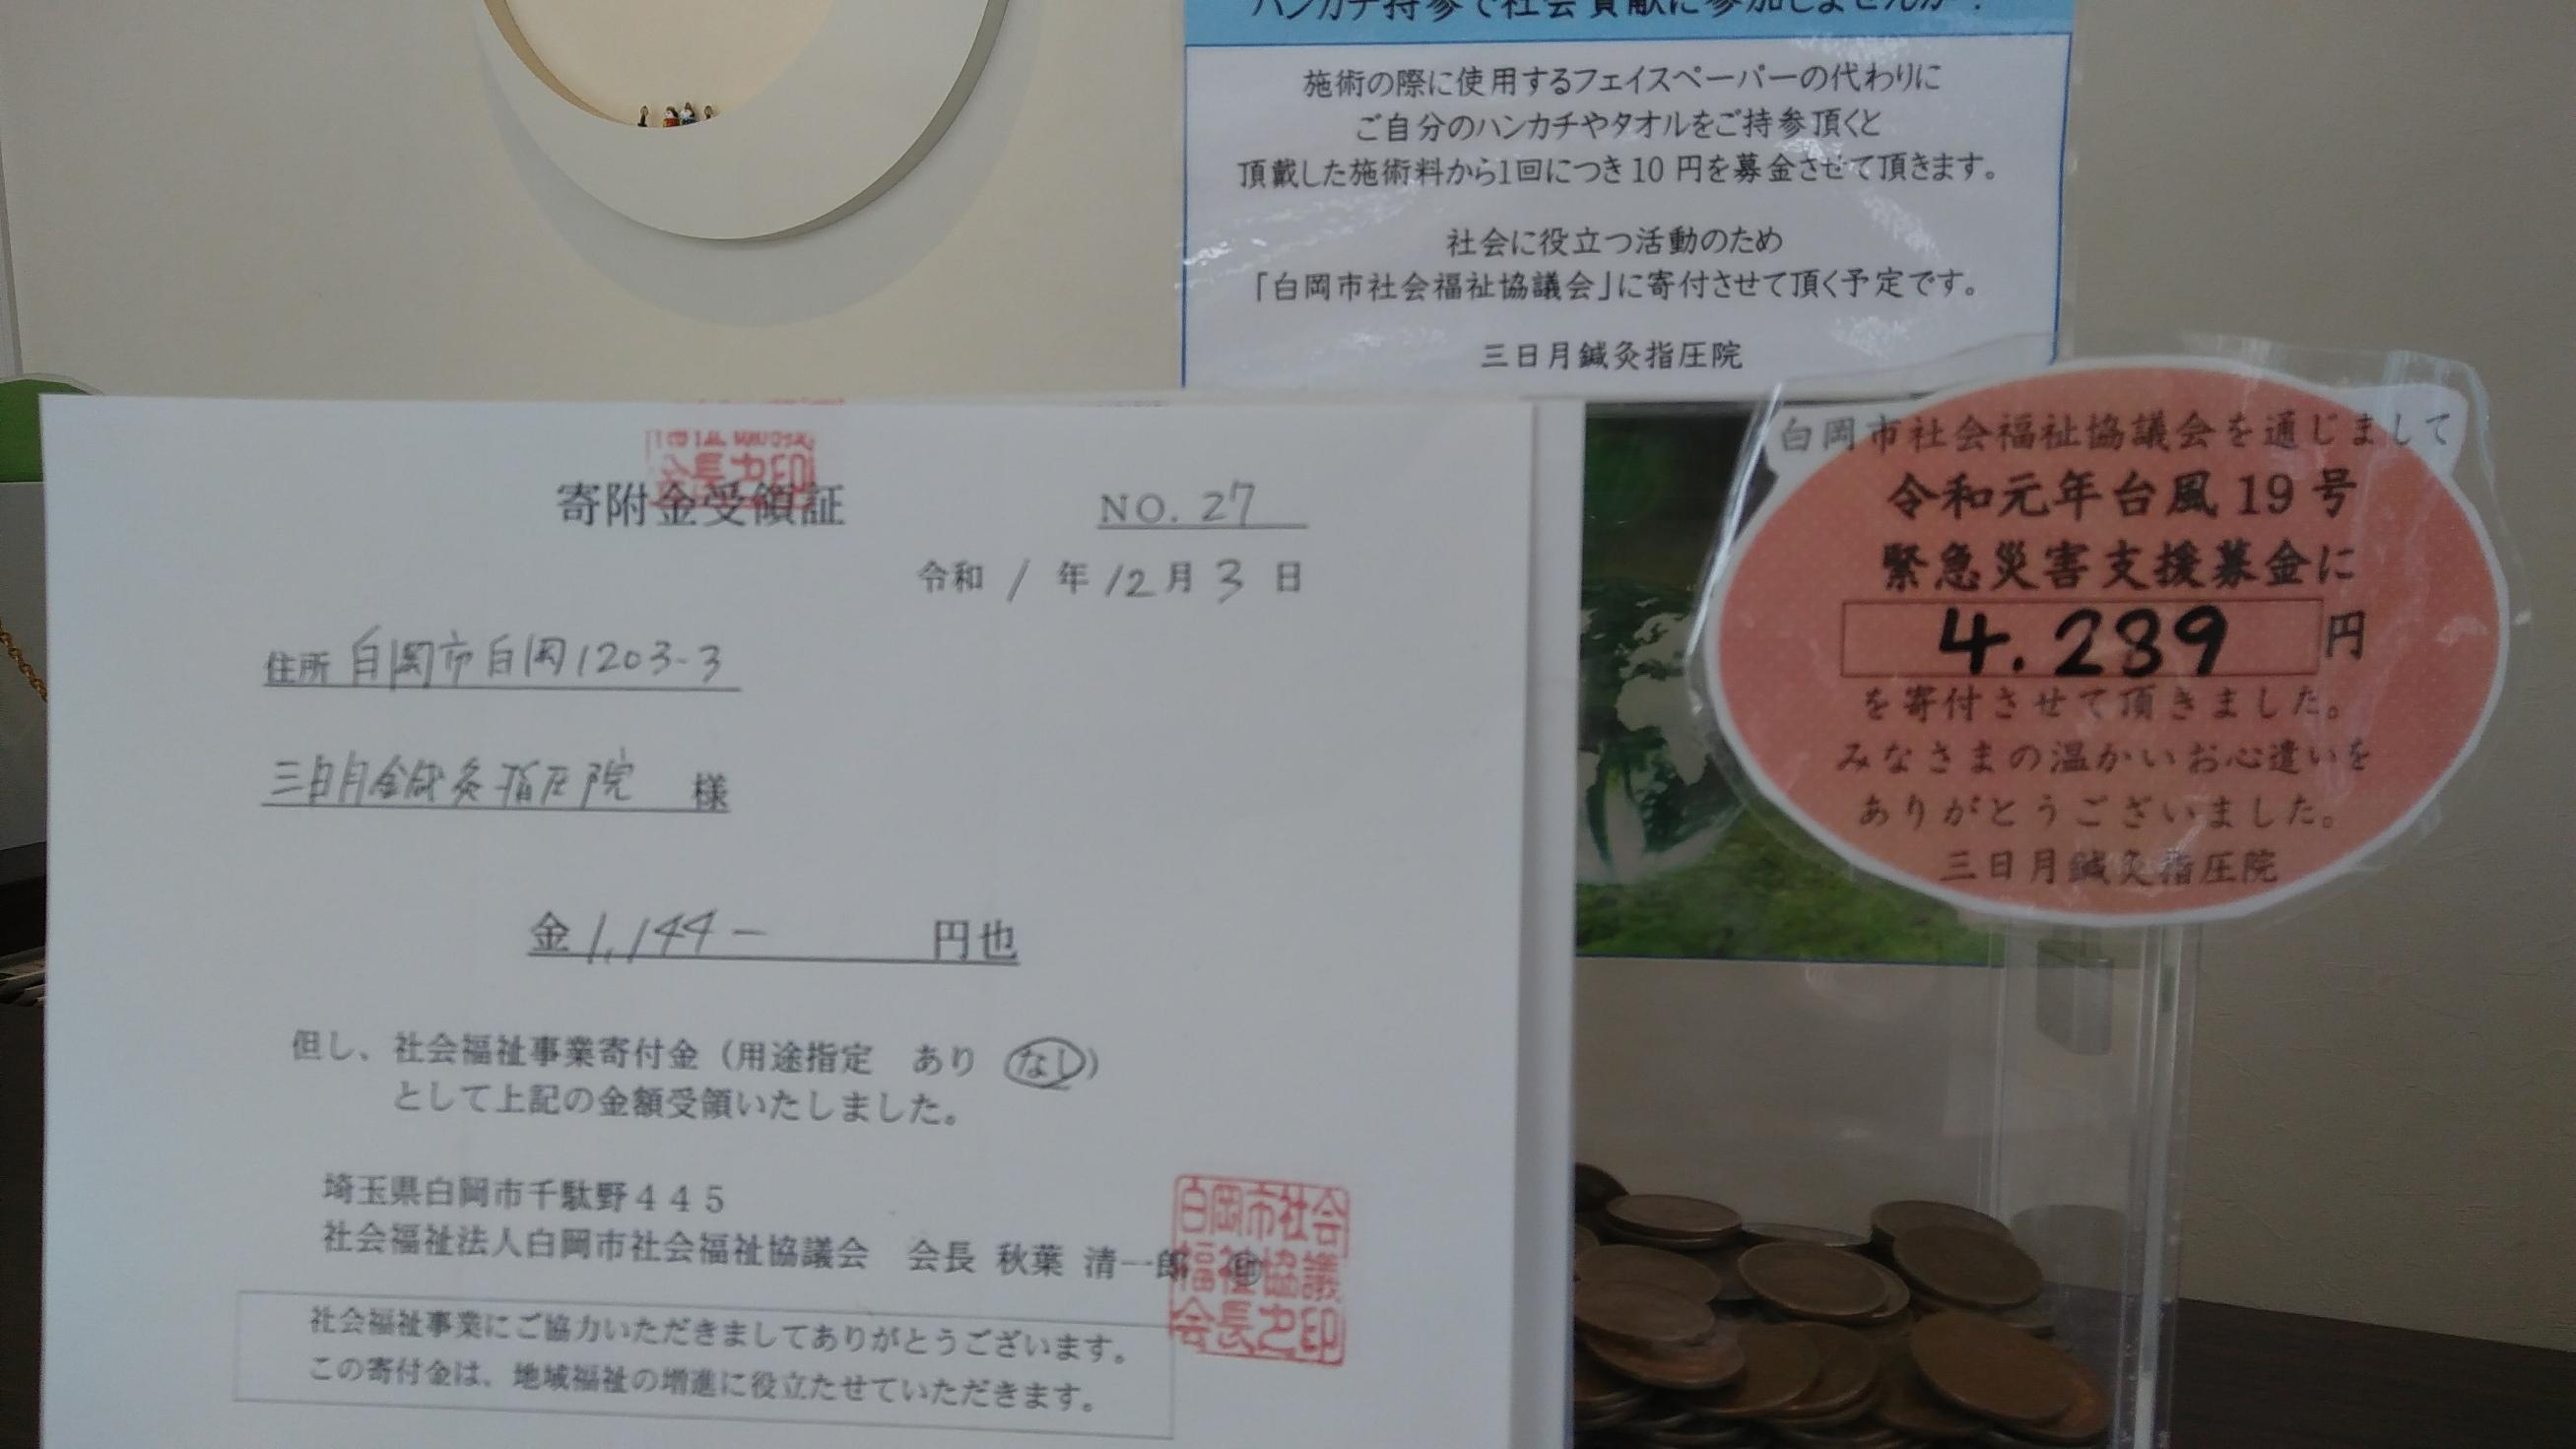 社会福祉協議会に1,144円を寄付させて頂きました。